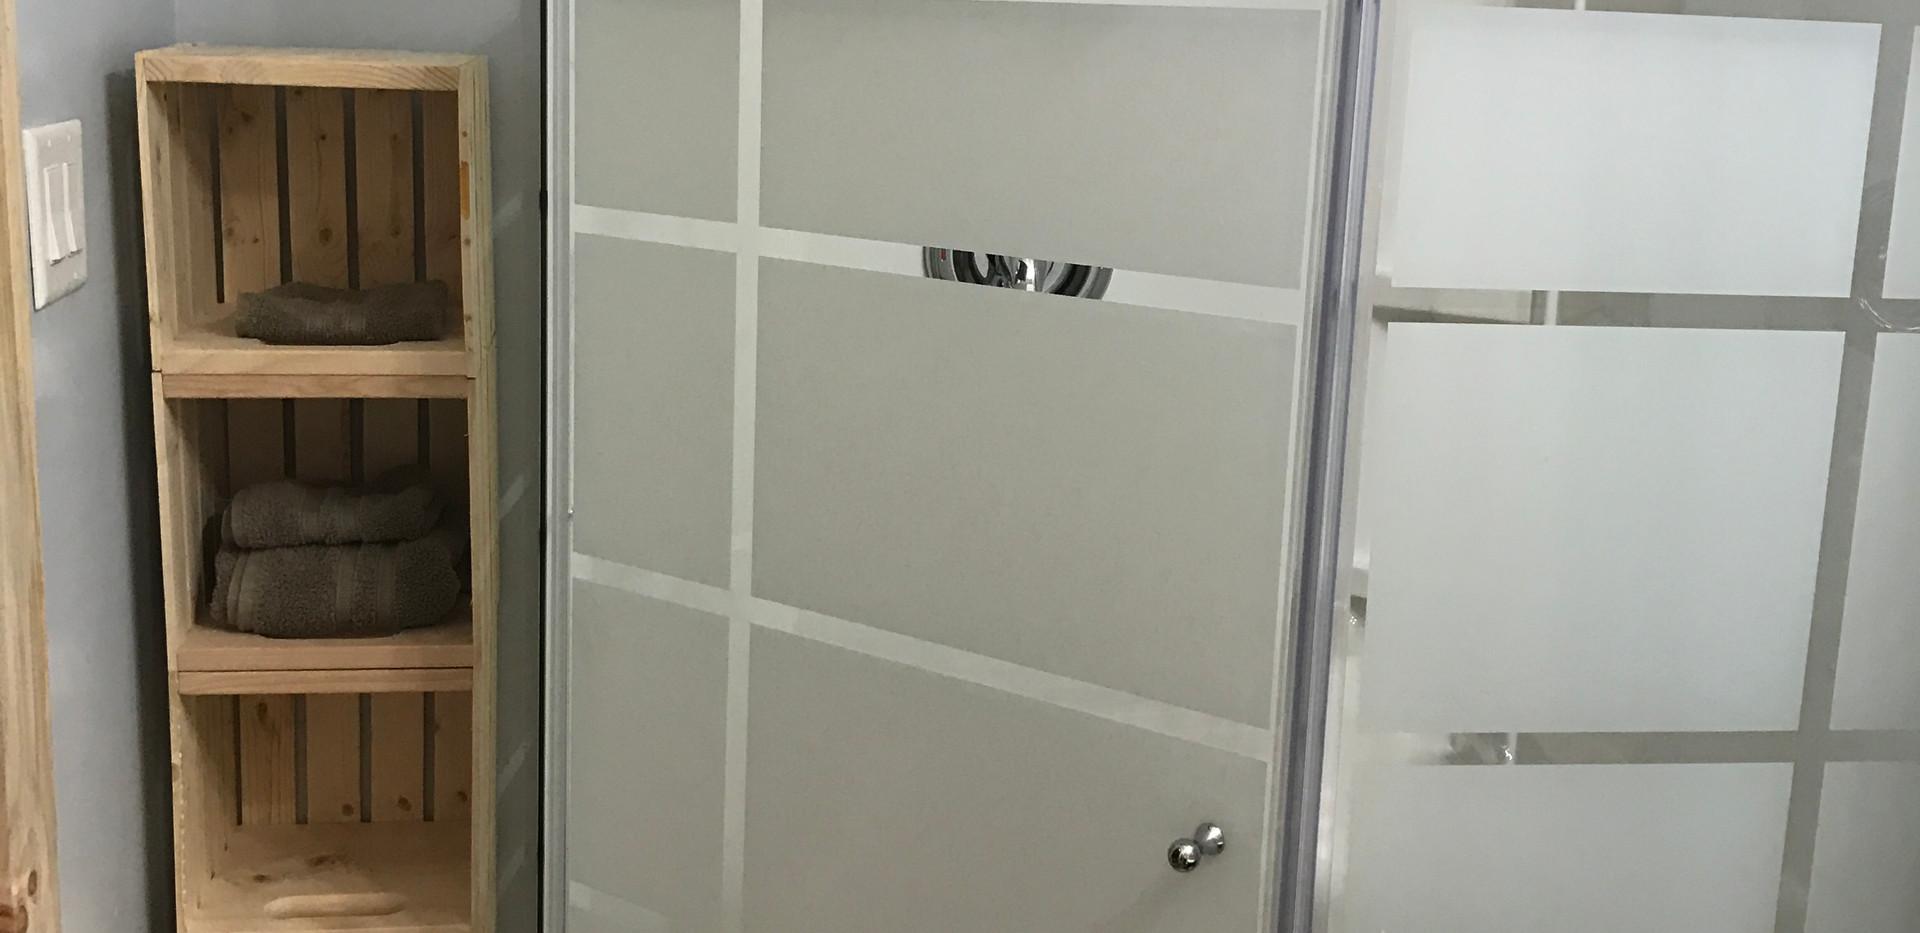 Cabin 2 shower.JPG